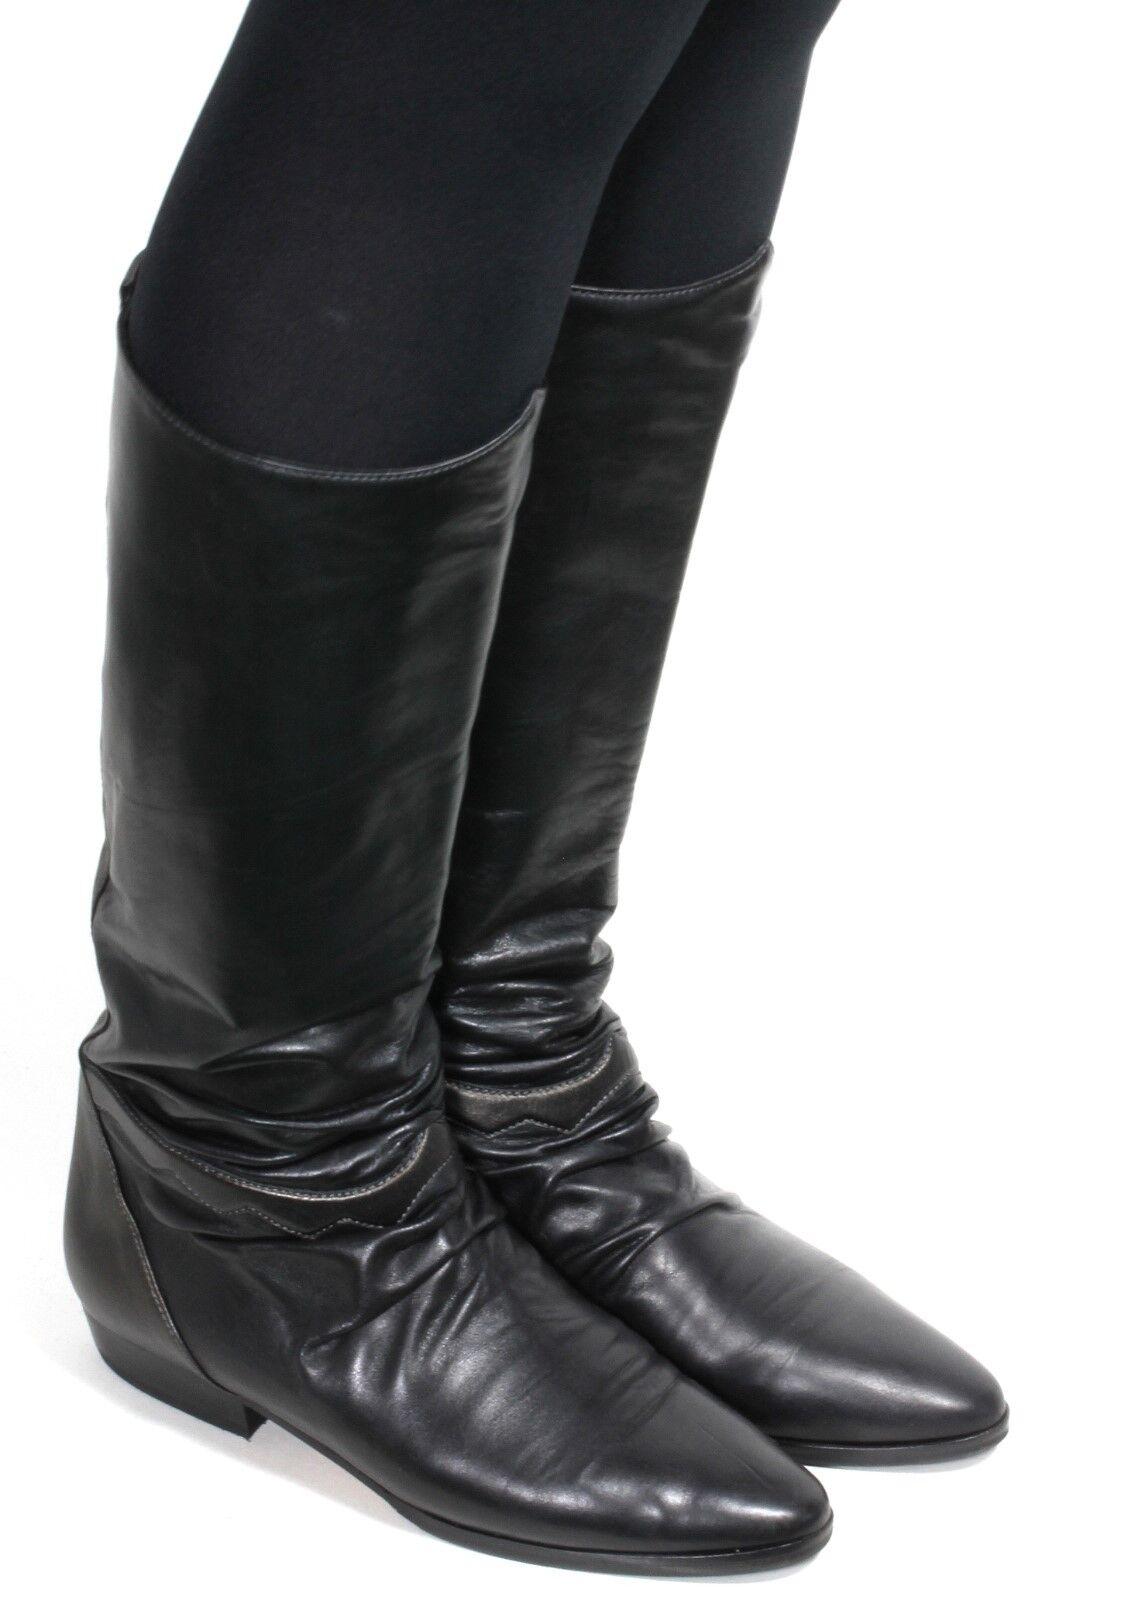 Cuir Vintage Bottes Femmes Hipster blogueurs bottes metallic BOTTAZZIN Elegant 38